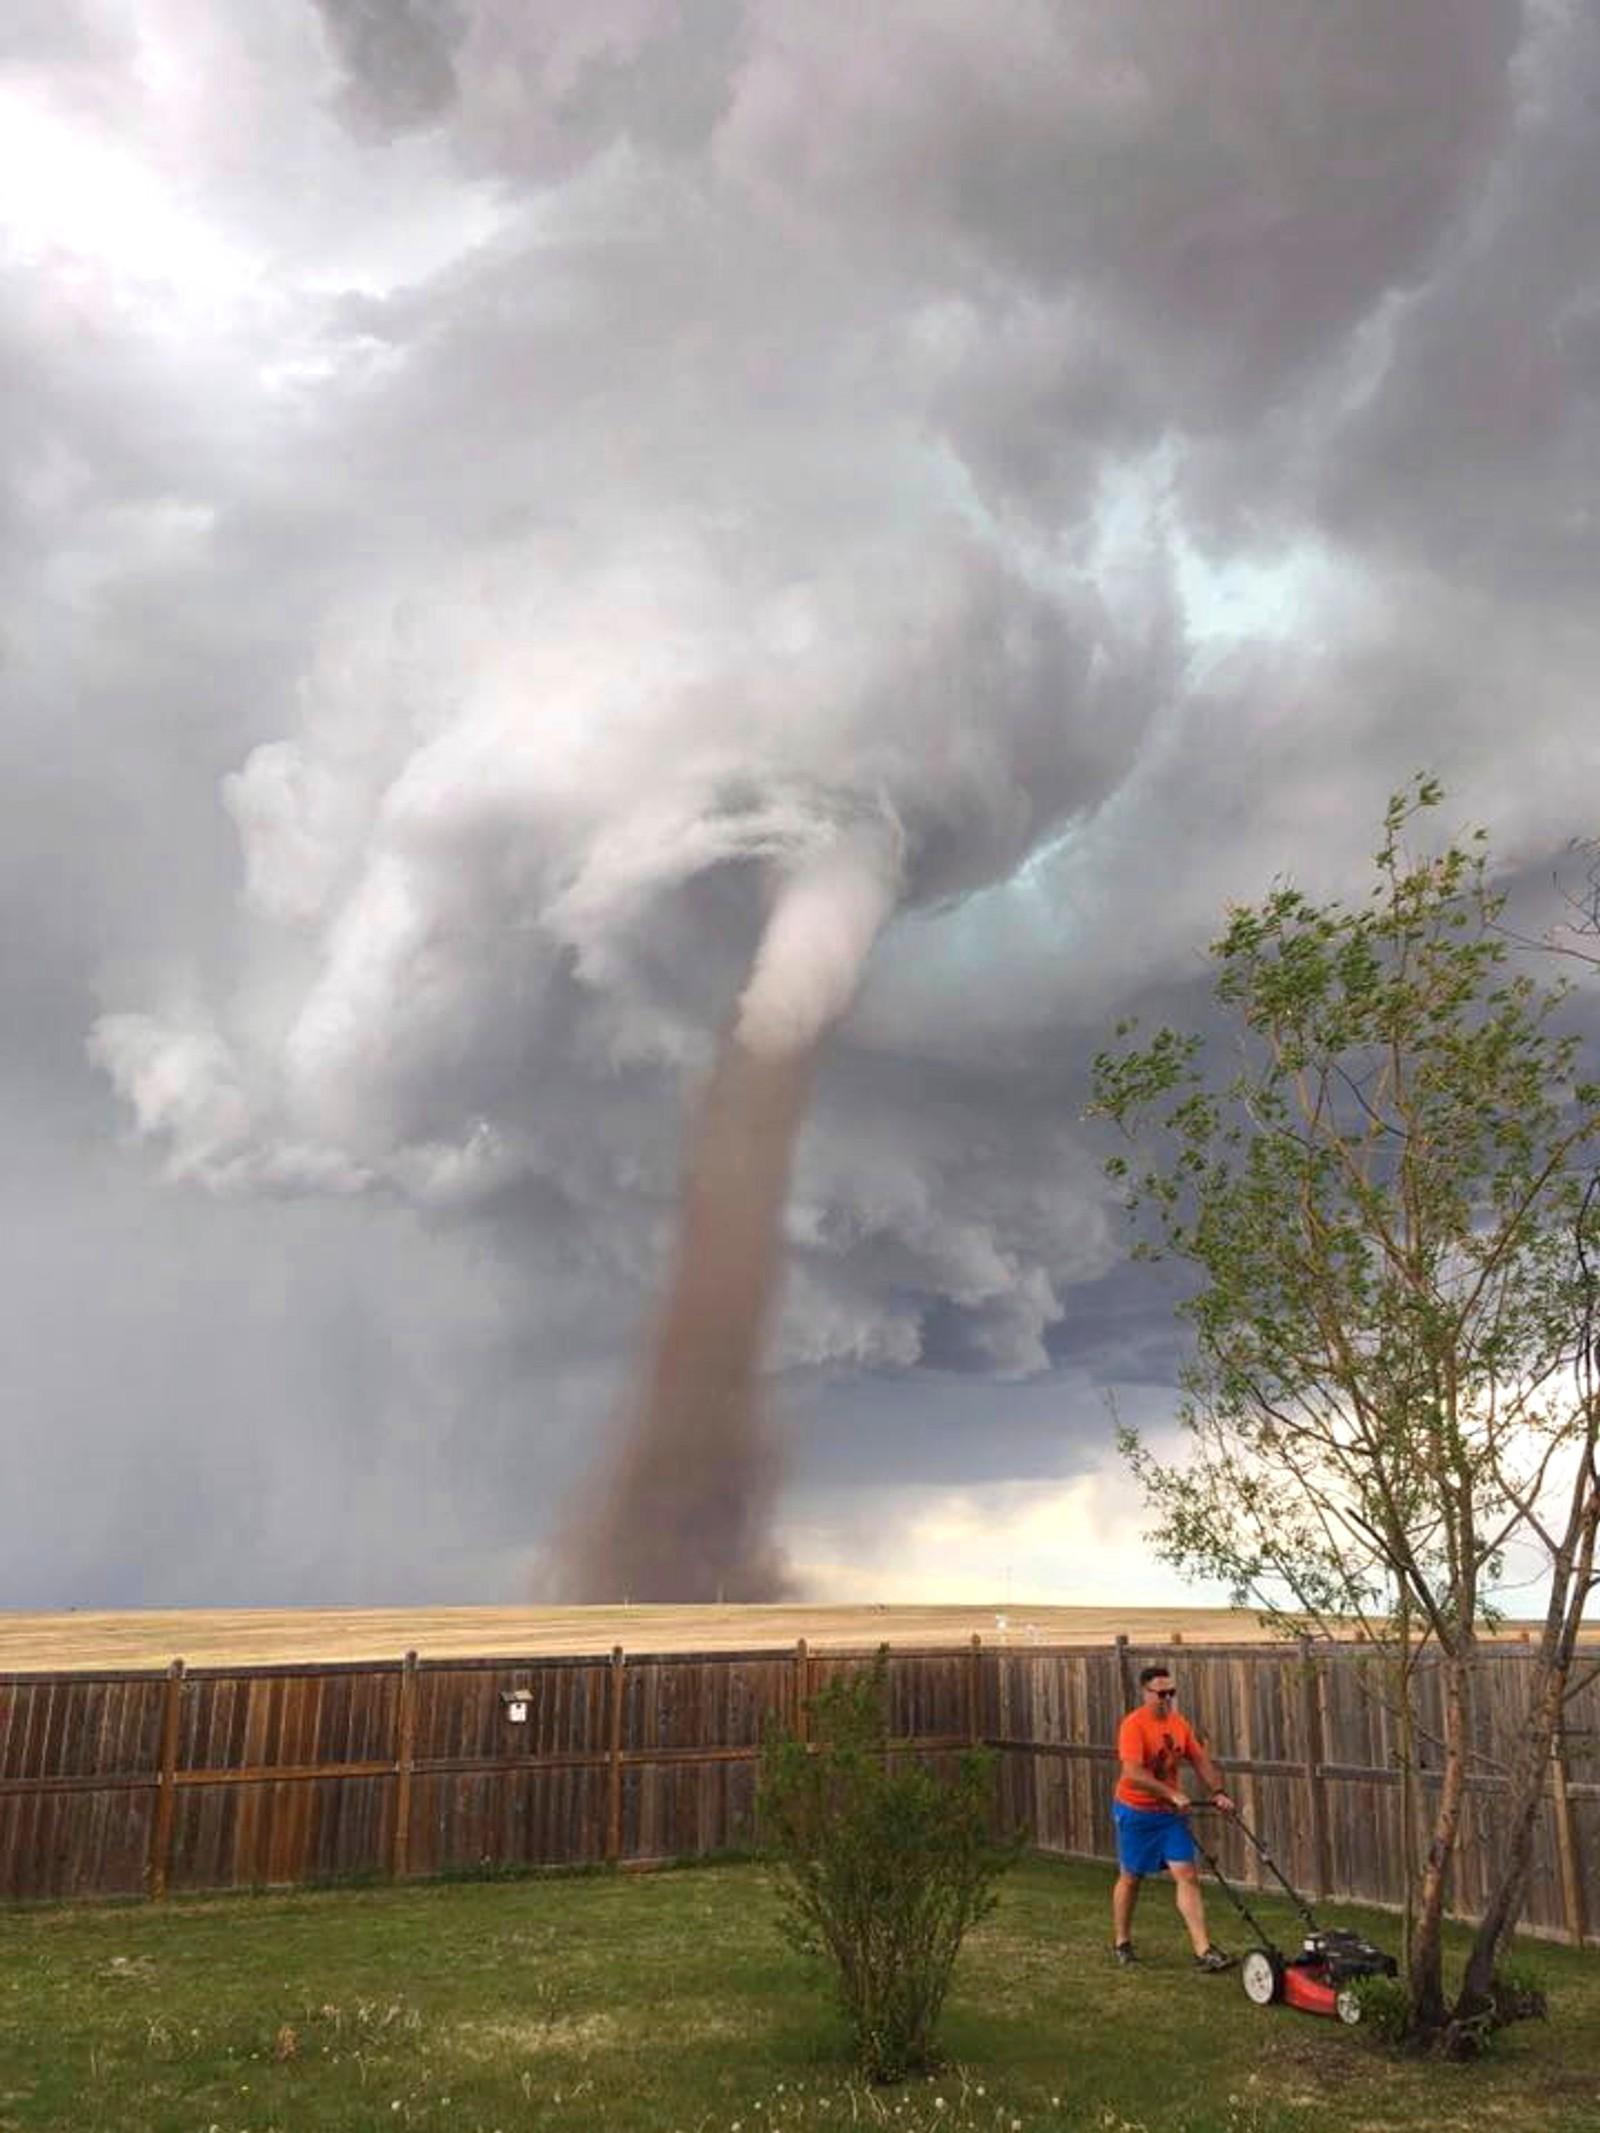 – Jeg holdt et øye med den, uttalte Theunis Wessel fra Three Hills i Alberta i Canada etter at dette bildet av ham gikk viralt. Til tross for tornadoen i bakgrunnen, holdt han hodet iskaldt.